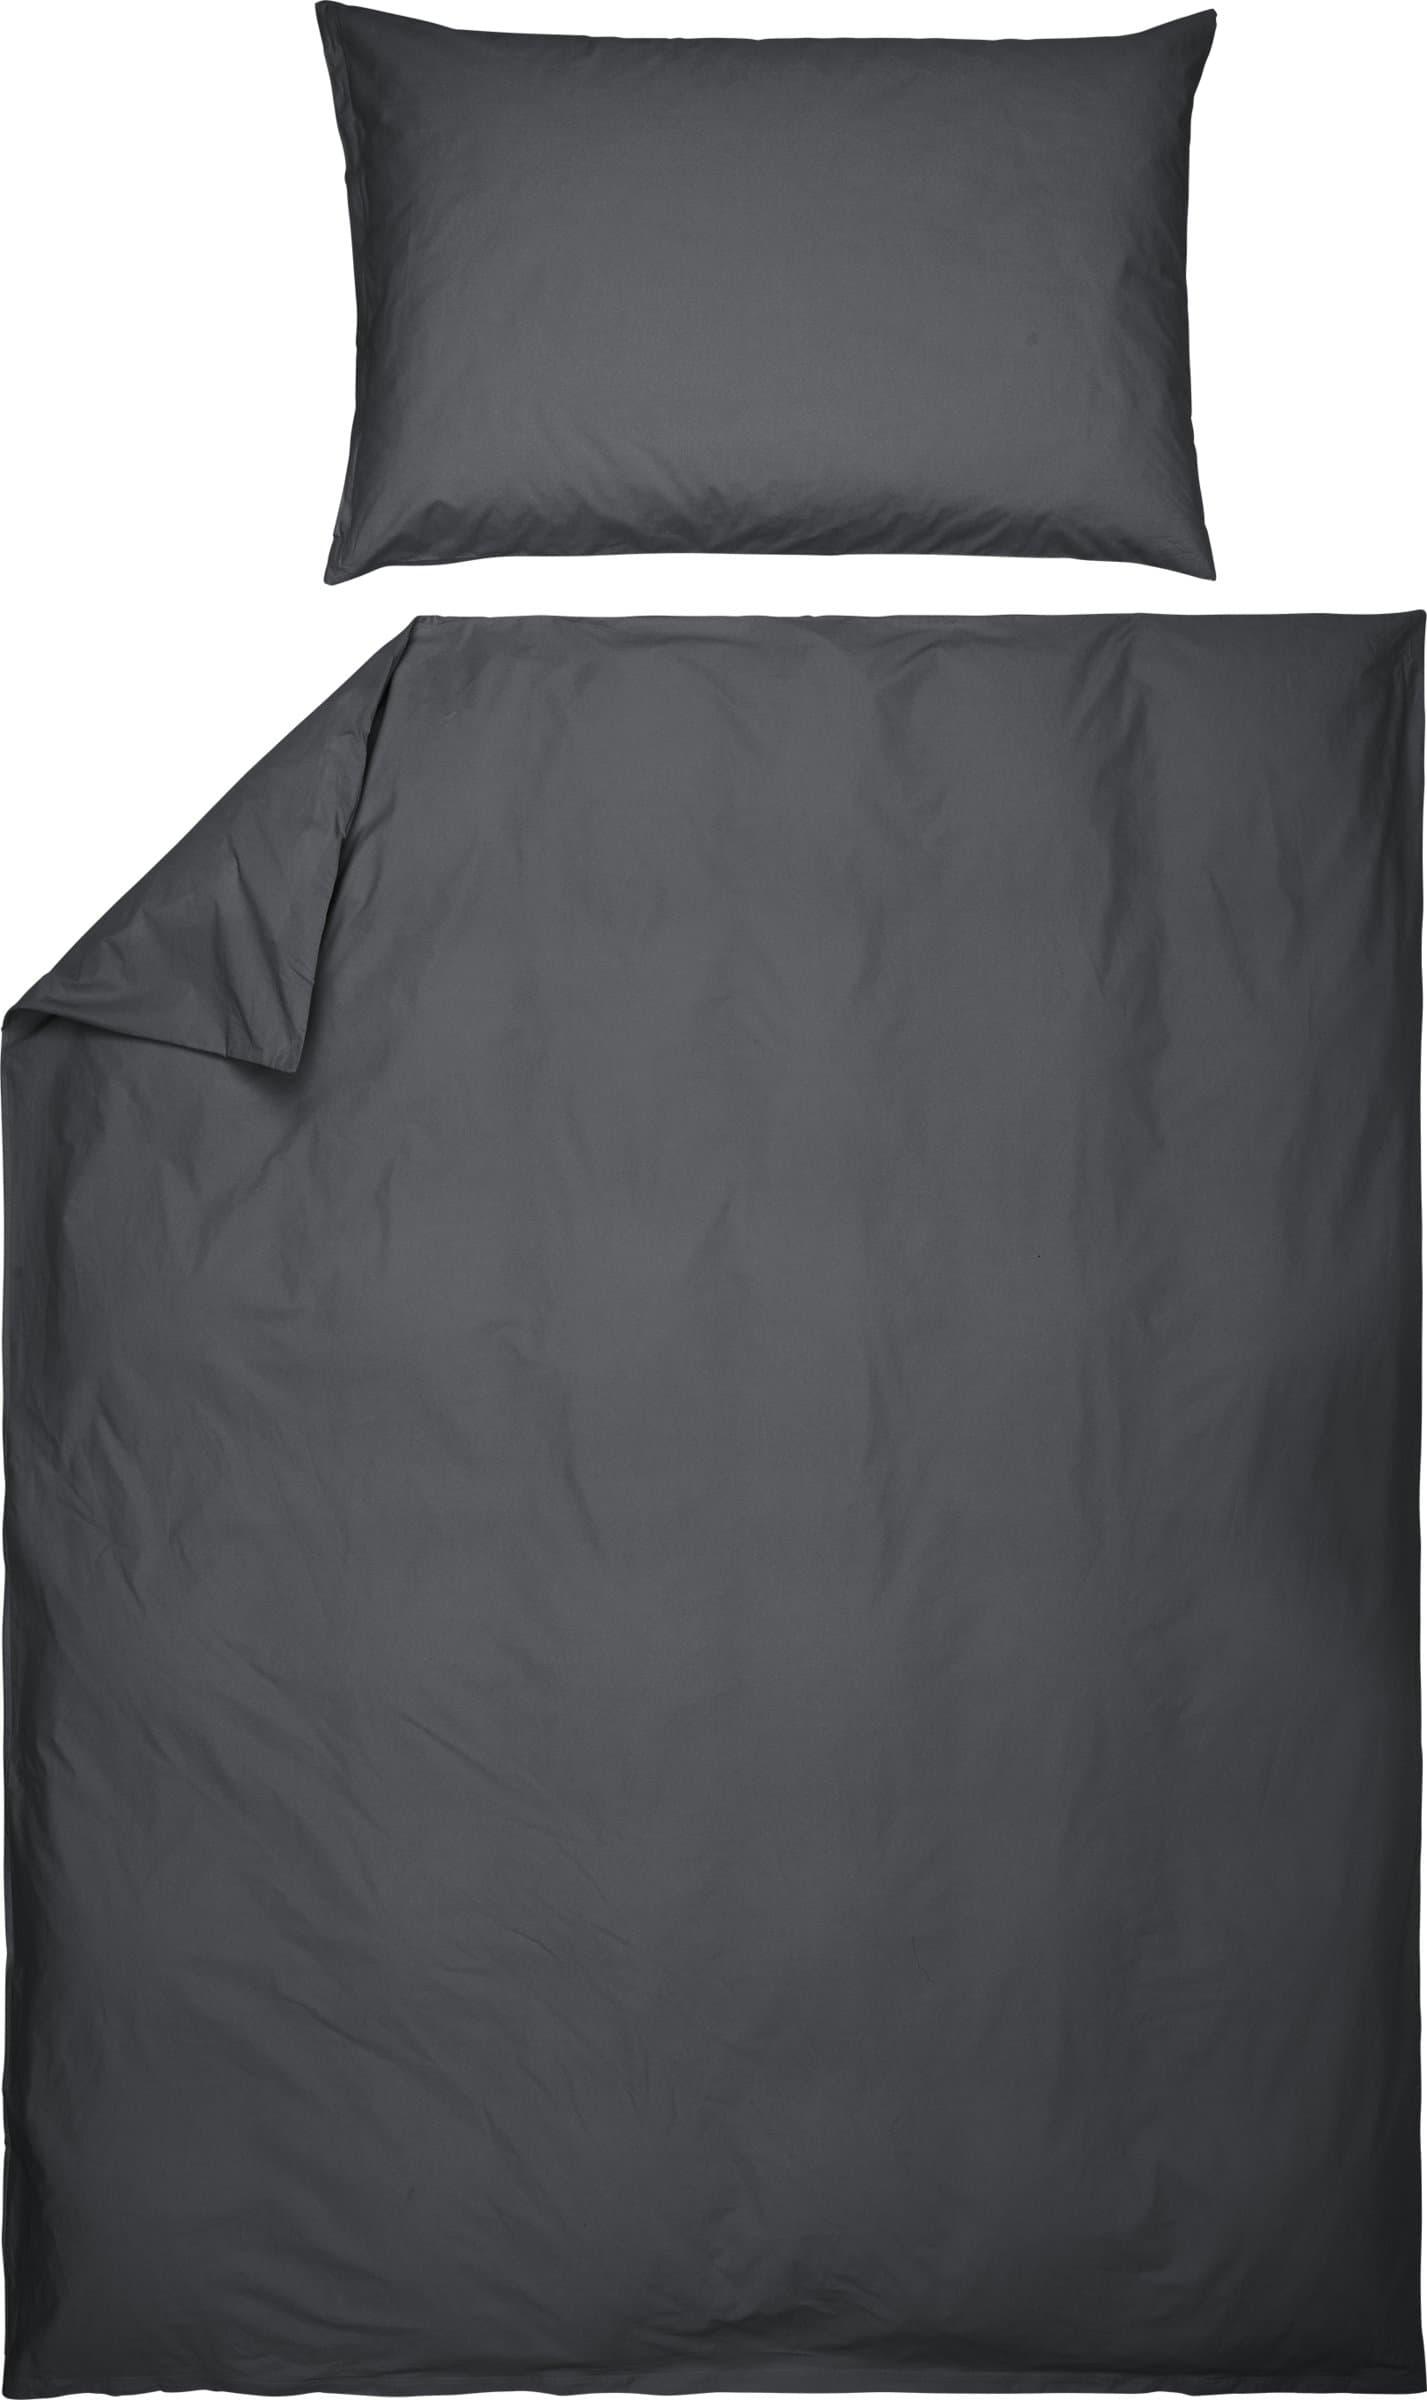 ROMANO Federa per cuscino in percalle